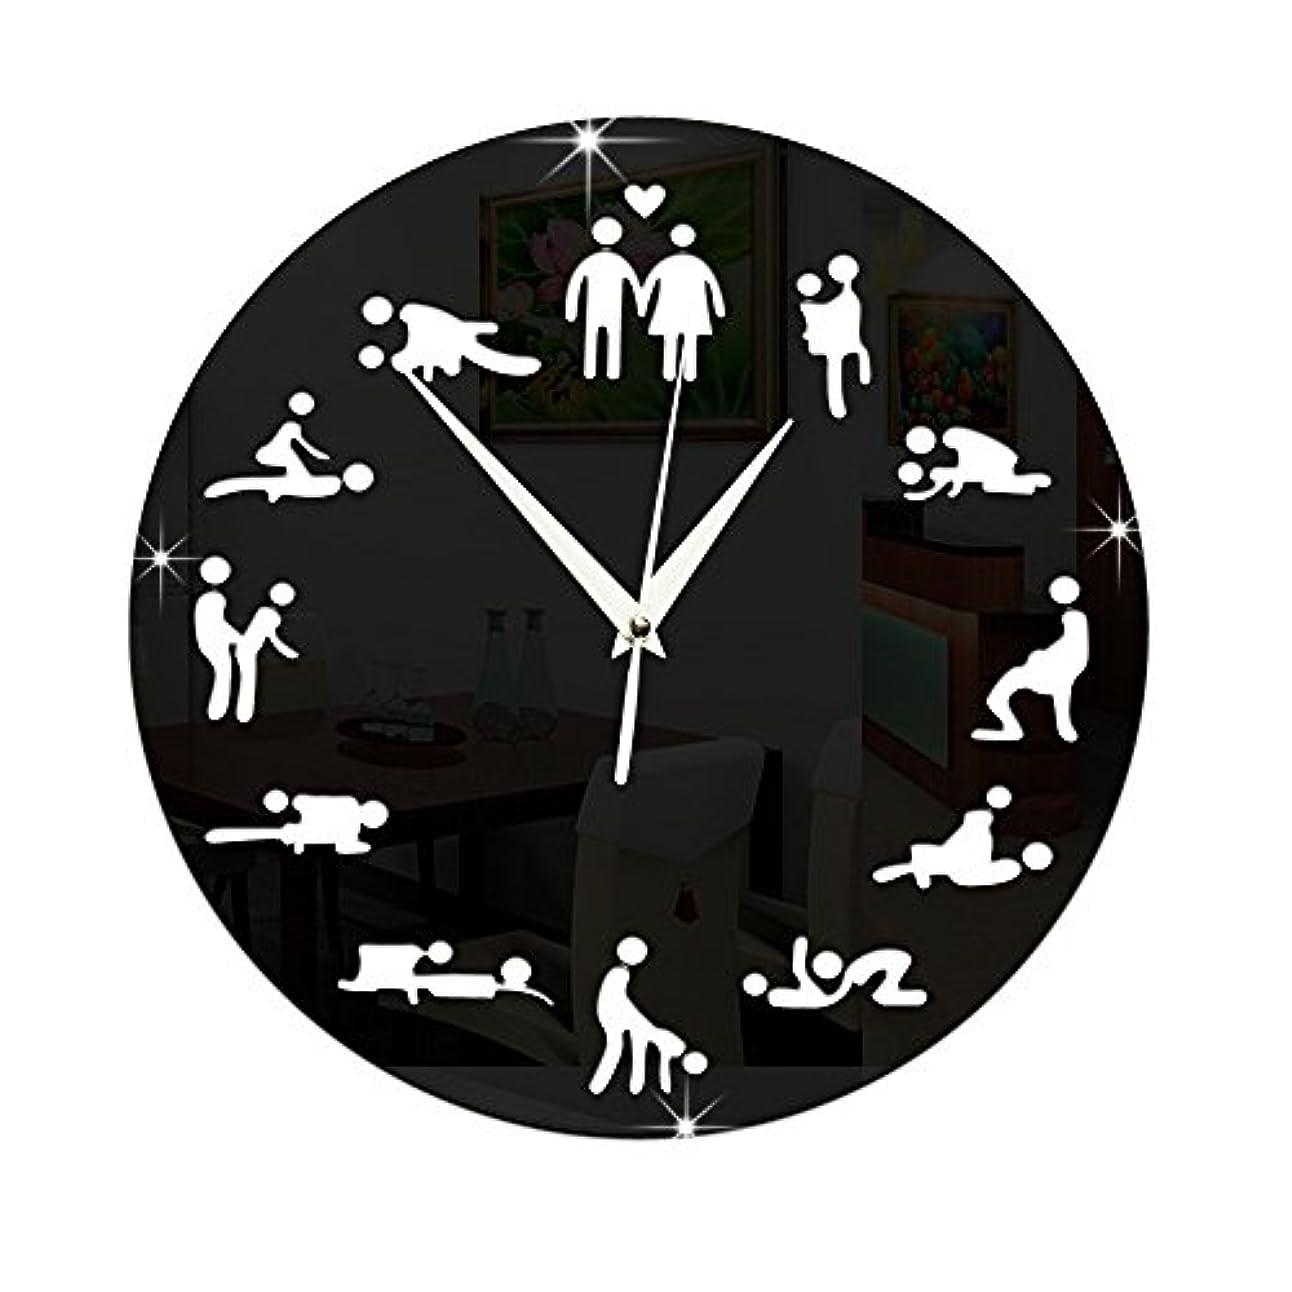 レイア伝染性裁判官ACAMPTAR モダンなデザイン、セックスポジション ミュート掛け時計、ベッドルームの壁の装飾用、サイレントクロック、時計、結婚の贈り物、壁掛け時計、黒色